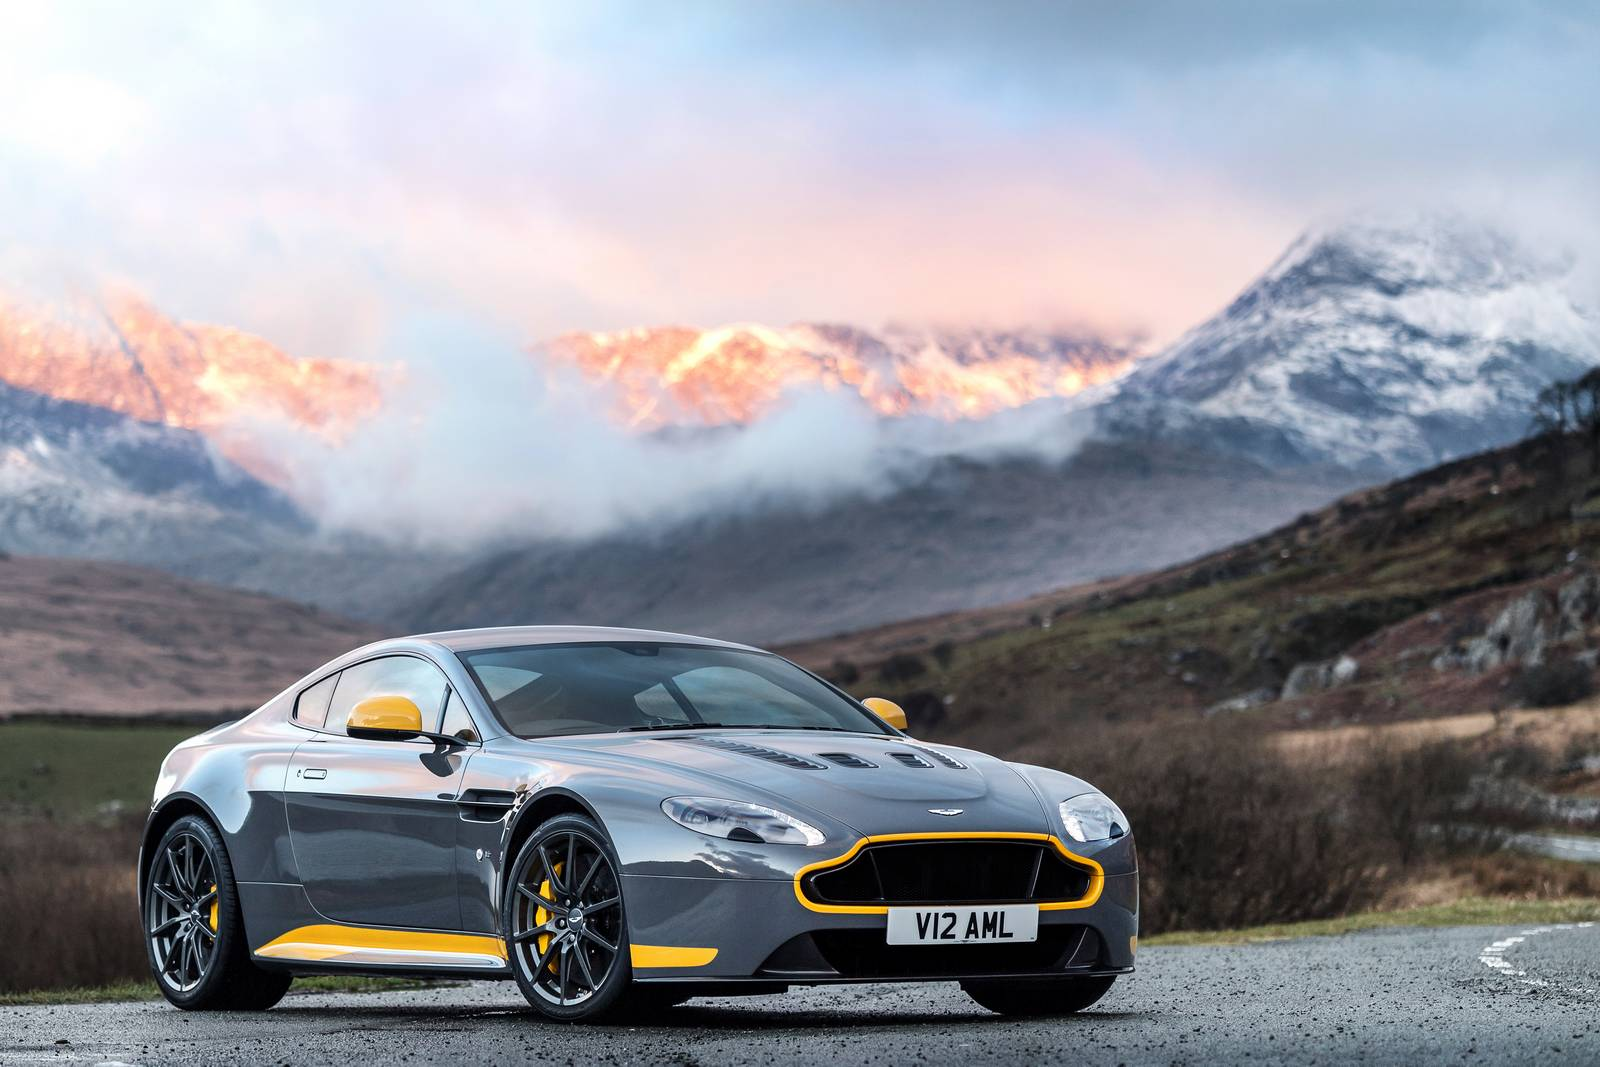 Official: 2017 Aston Martin V12 Vantage S Manual - GTspirit